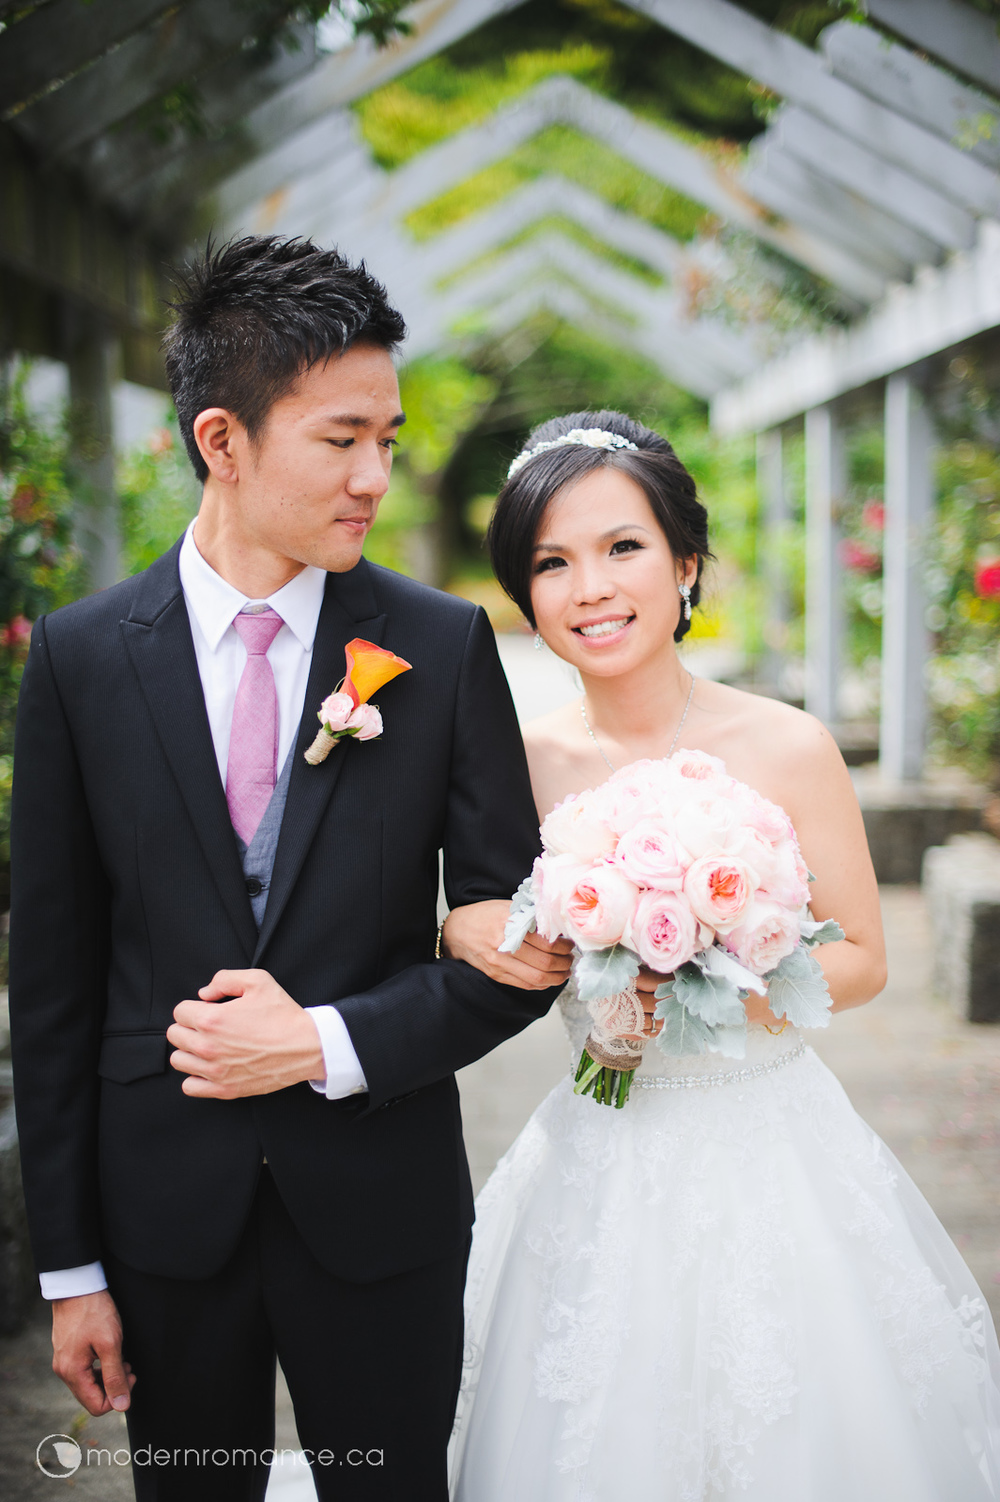 Modern-Romance-Yna-Yohei-006-6037.jpg